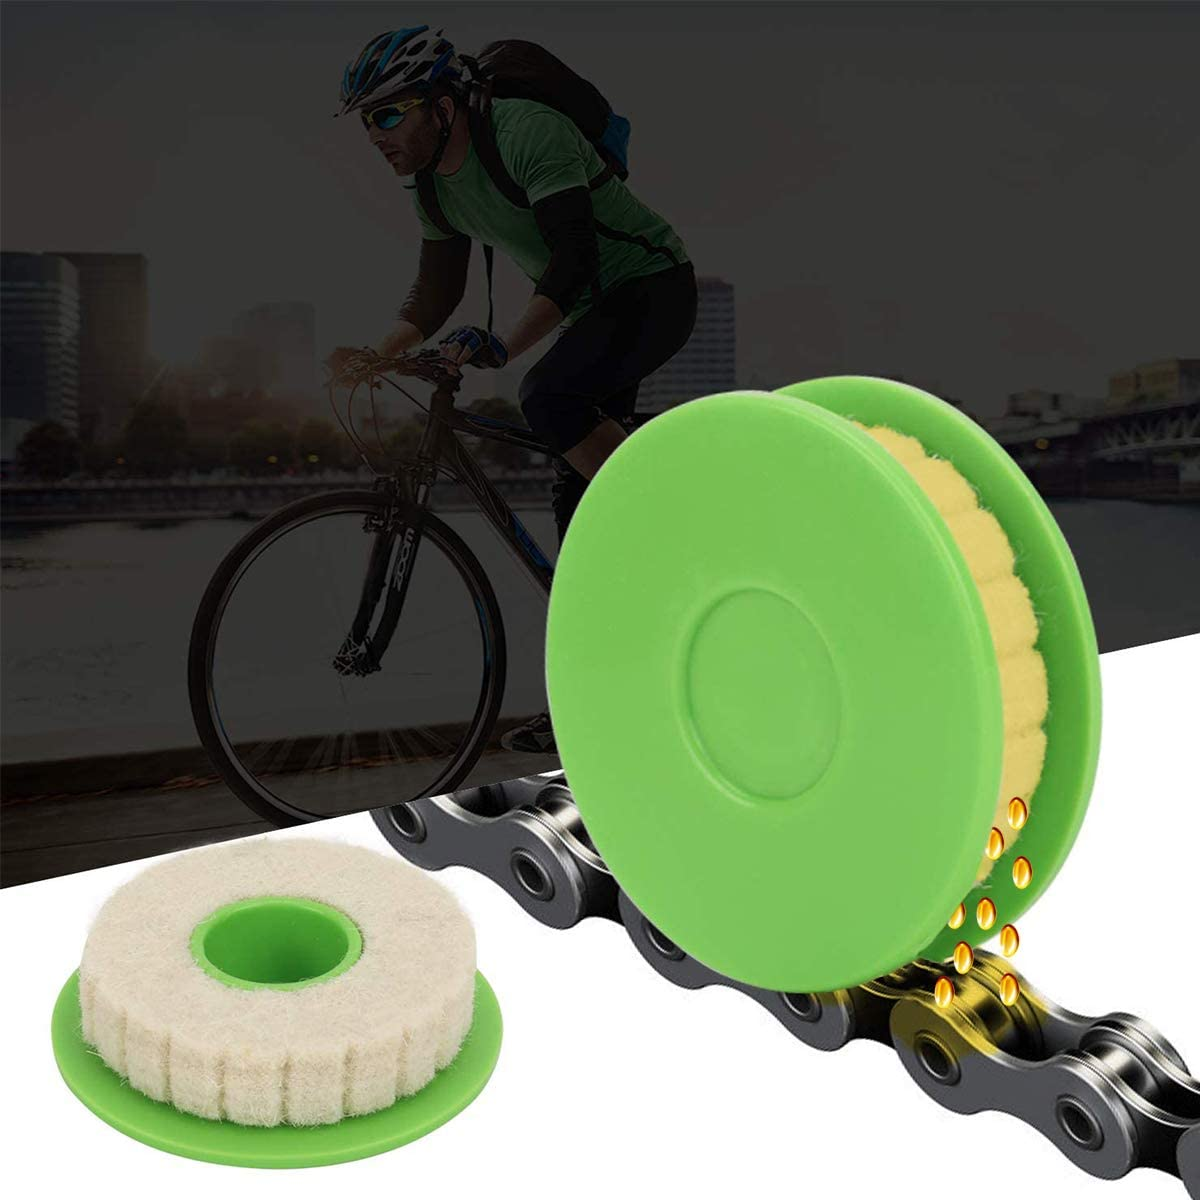 Strumento di Pulizia della Bici Kit di manutenzione degli ingranaggi della catena della bicicletta Strumento per la manutenzione della catena della bicicletta